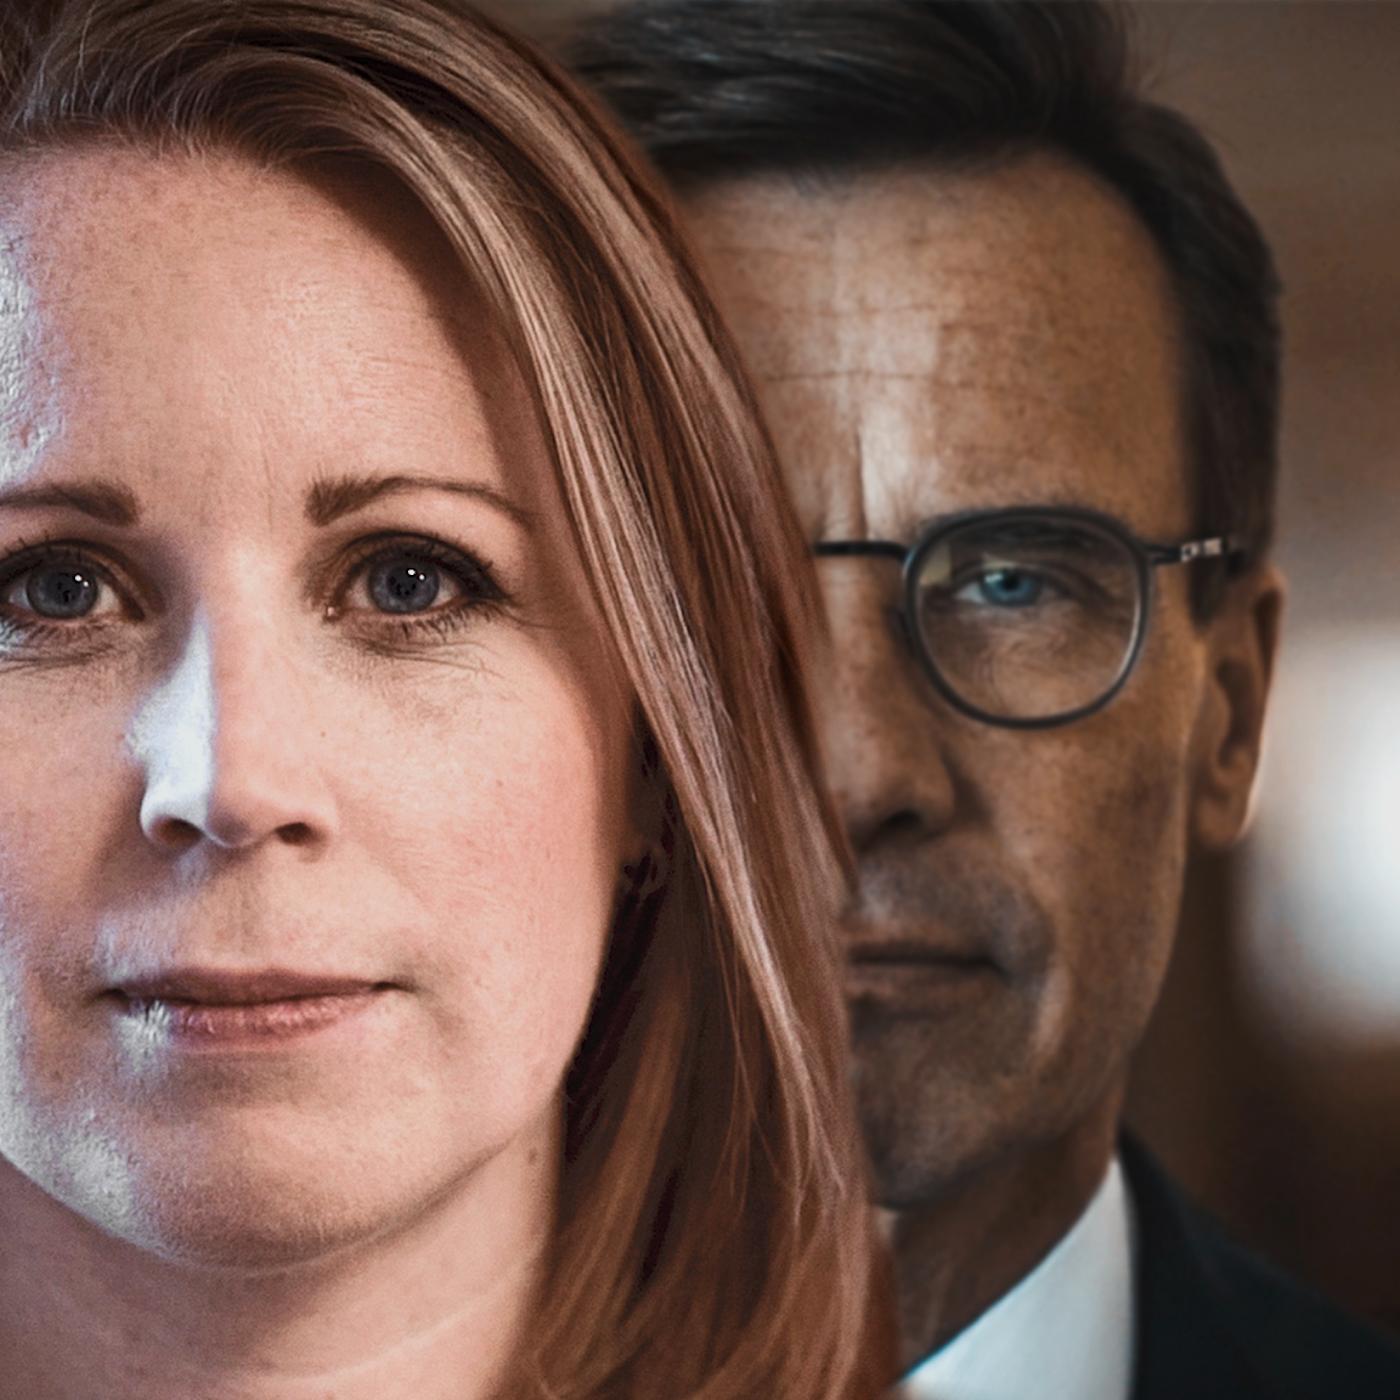 Regeringsbildningen 2018 – om svek, fika och Alliansens död